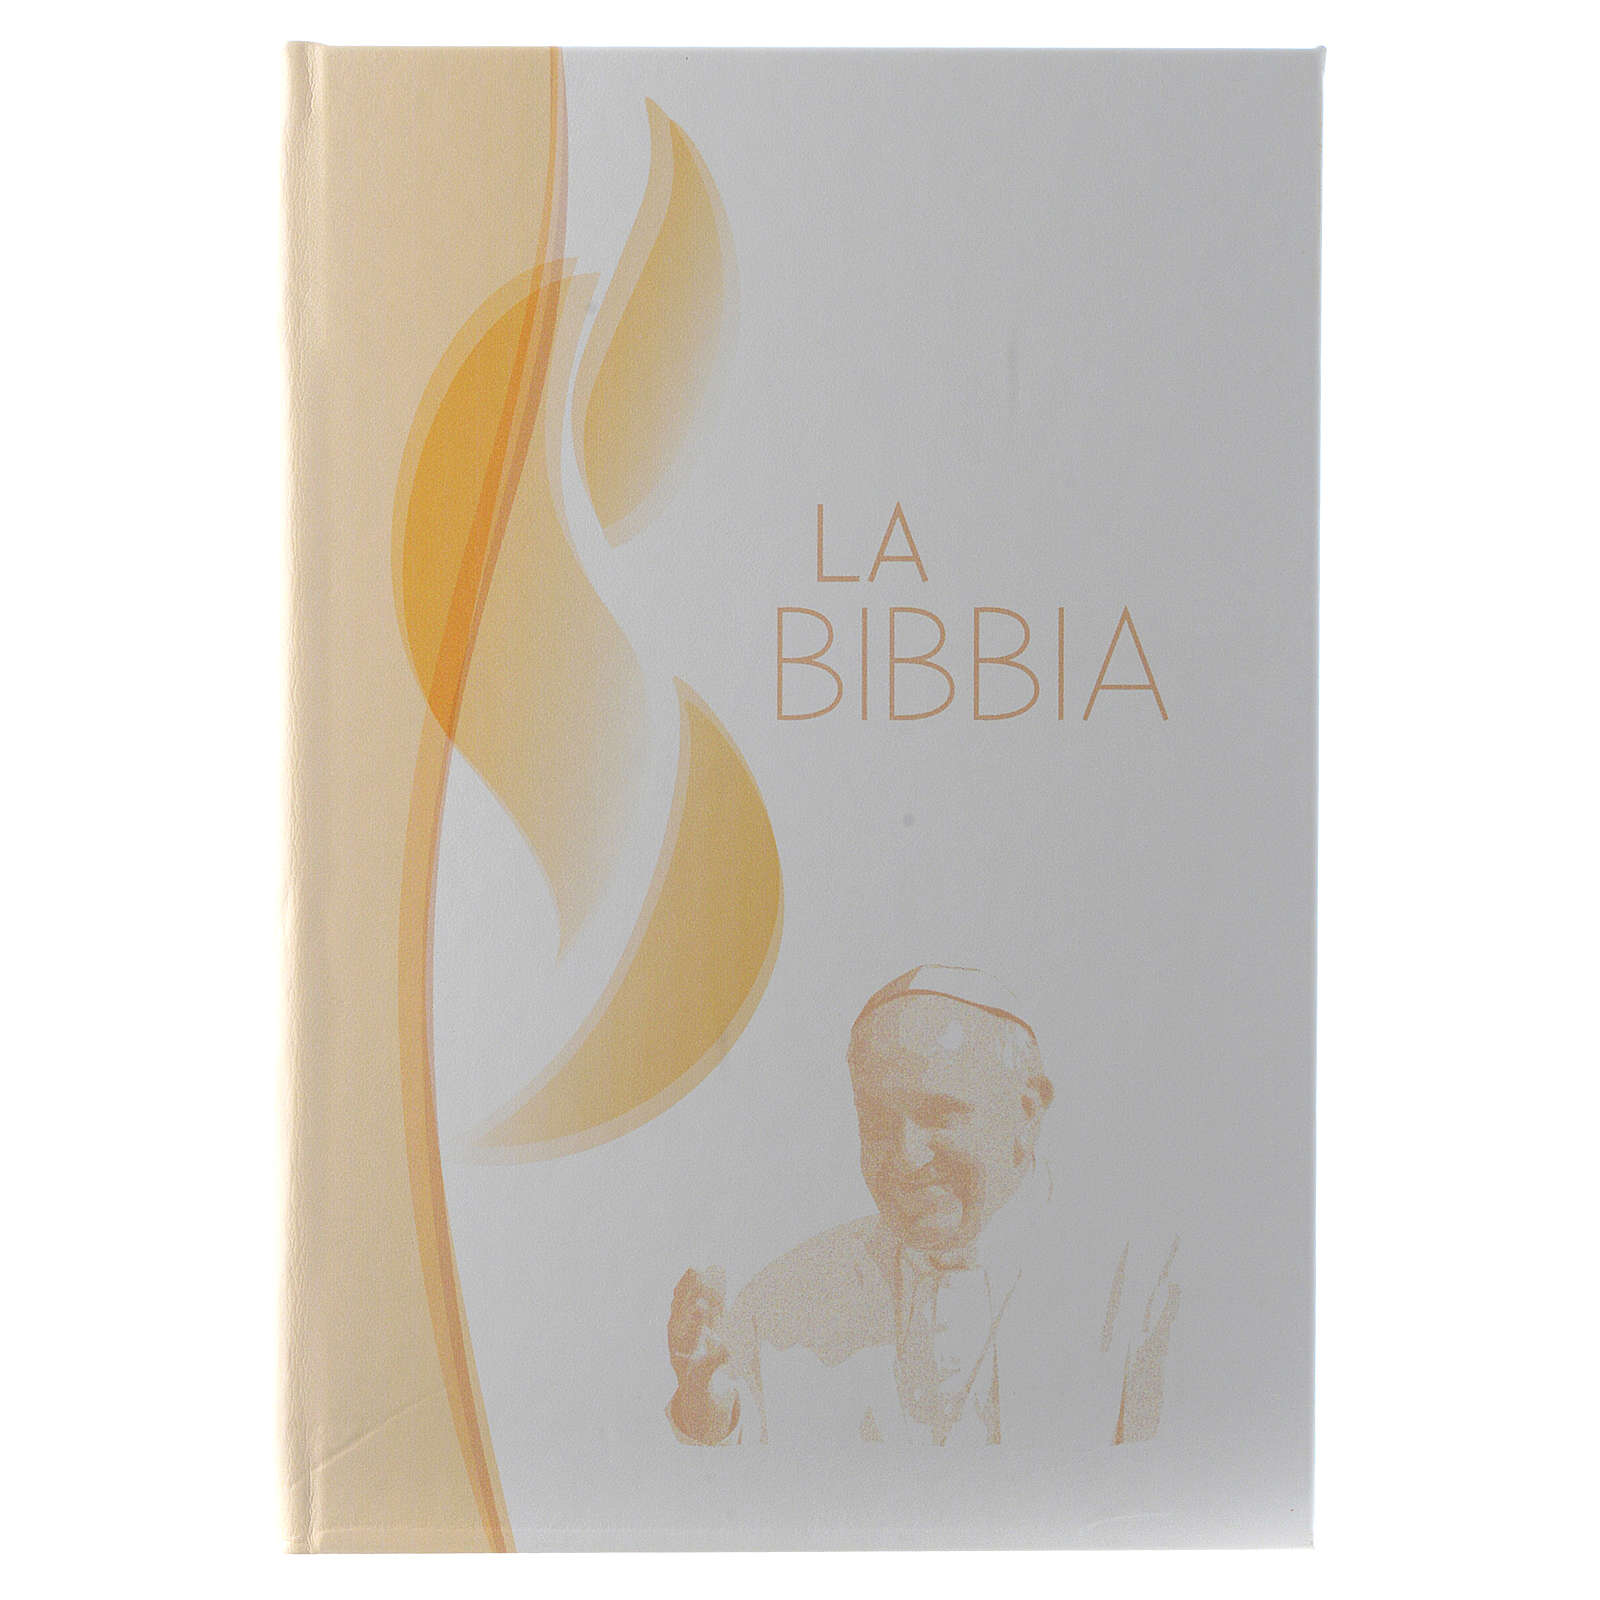 Biblia en ITLAIANO de simil cuero imagen Jesús de bilaminado plata 3